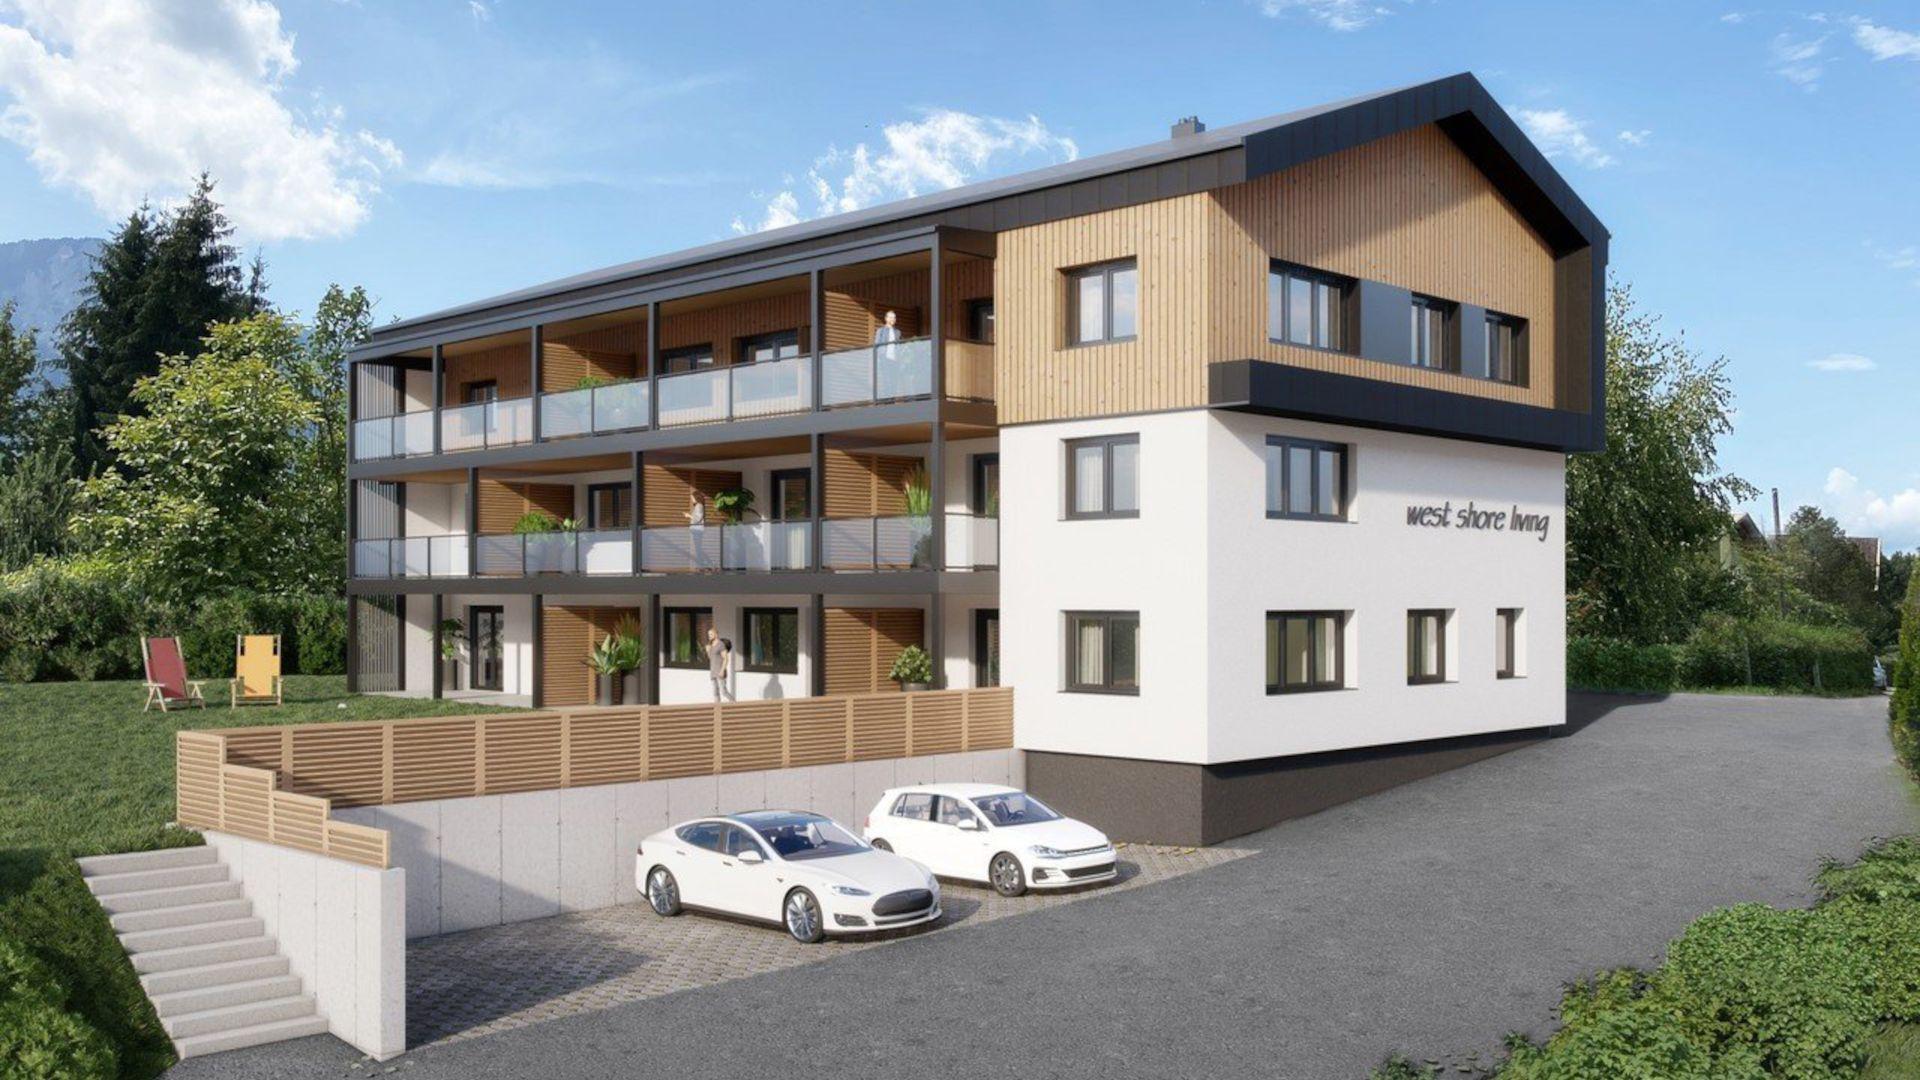 Wohnanlage-West-Shore-Living-Faaker-See-in-Zusammenarbeit-mit-prebau-GmbH